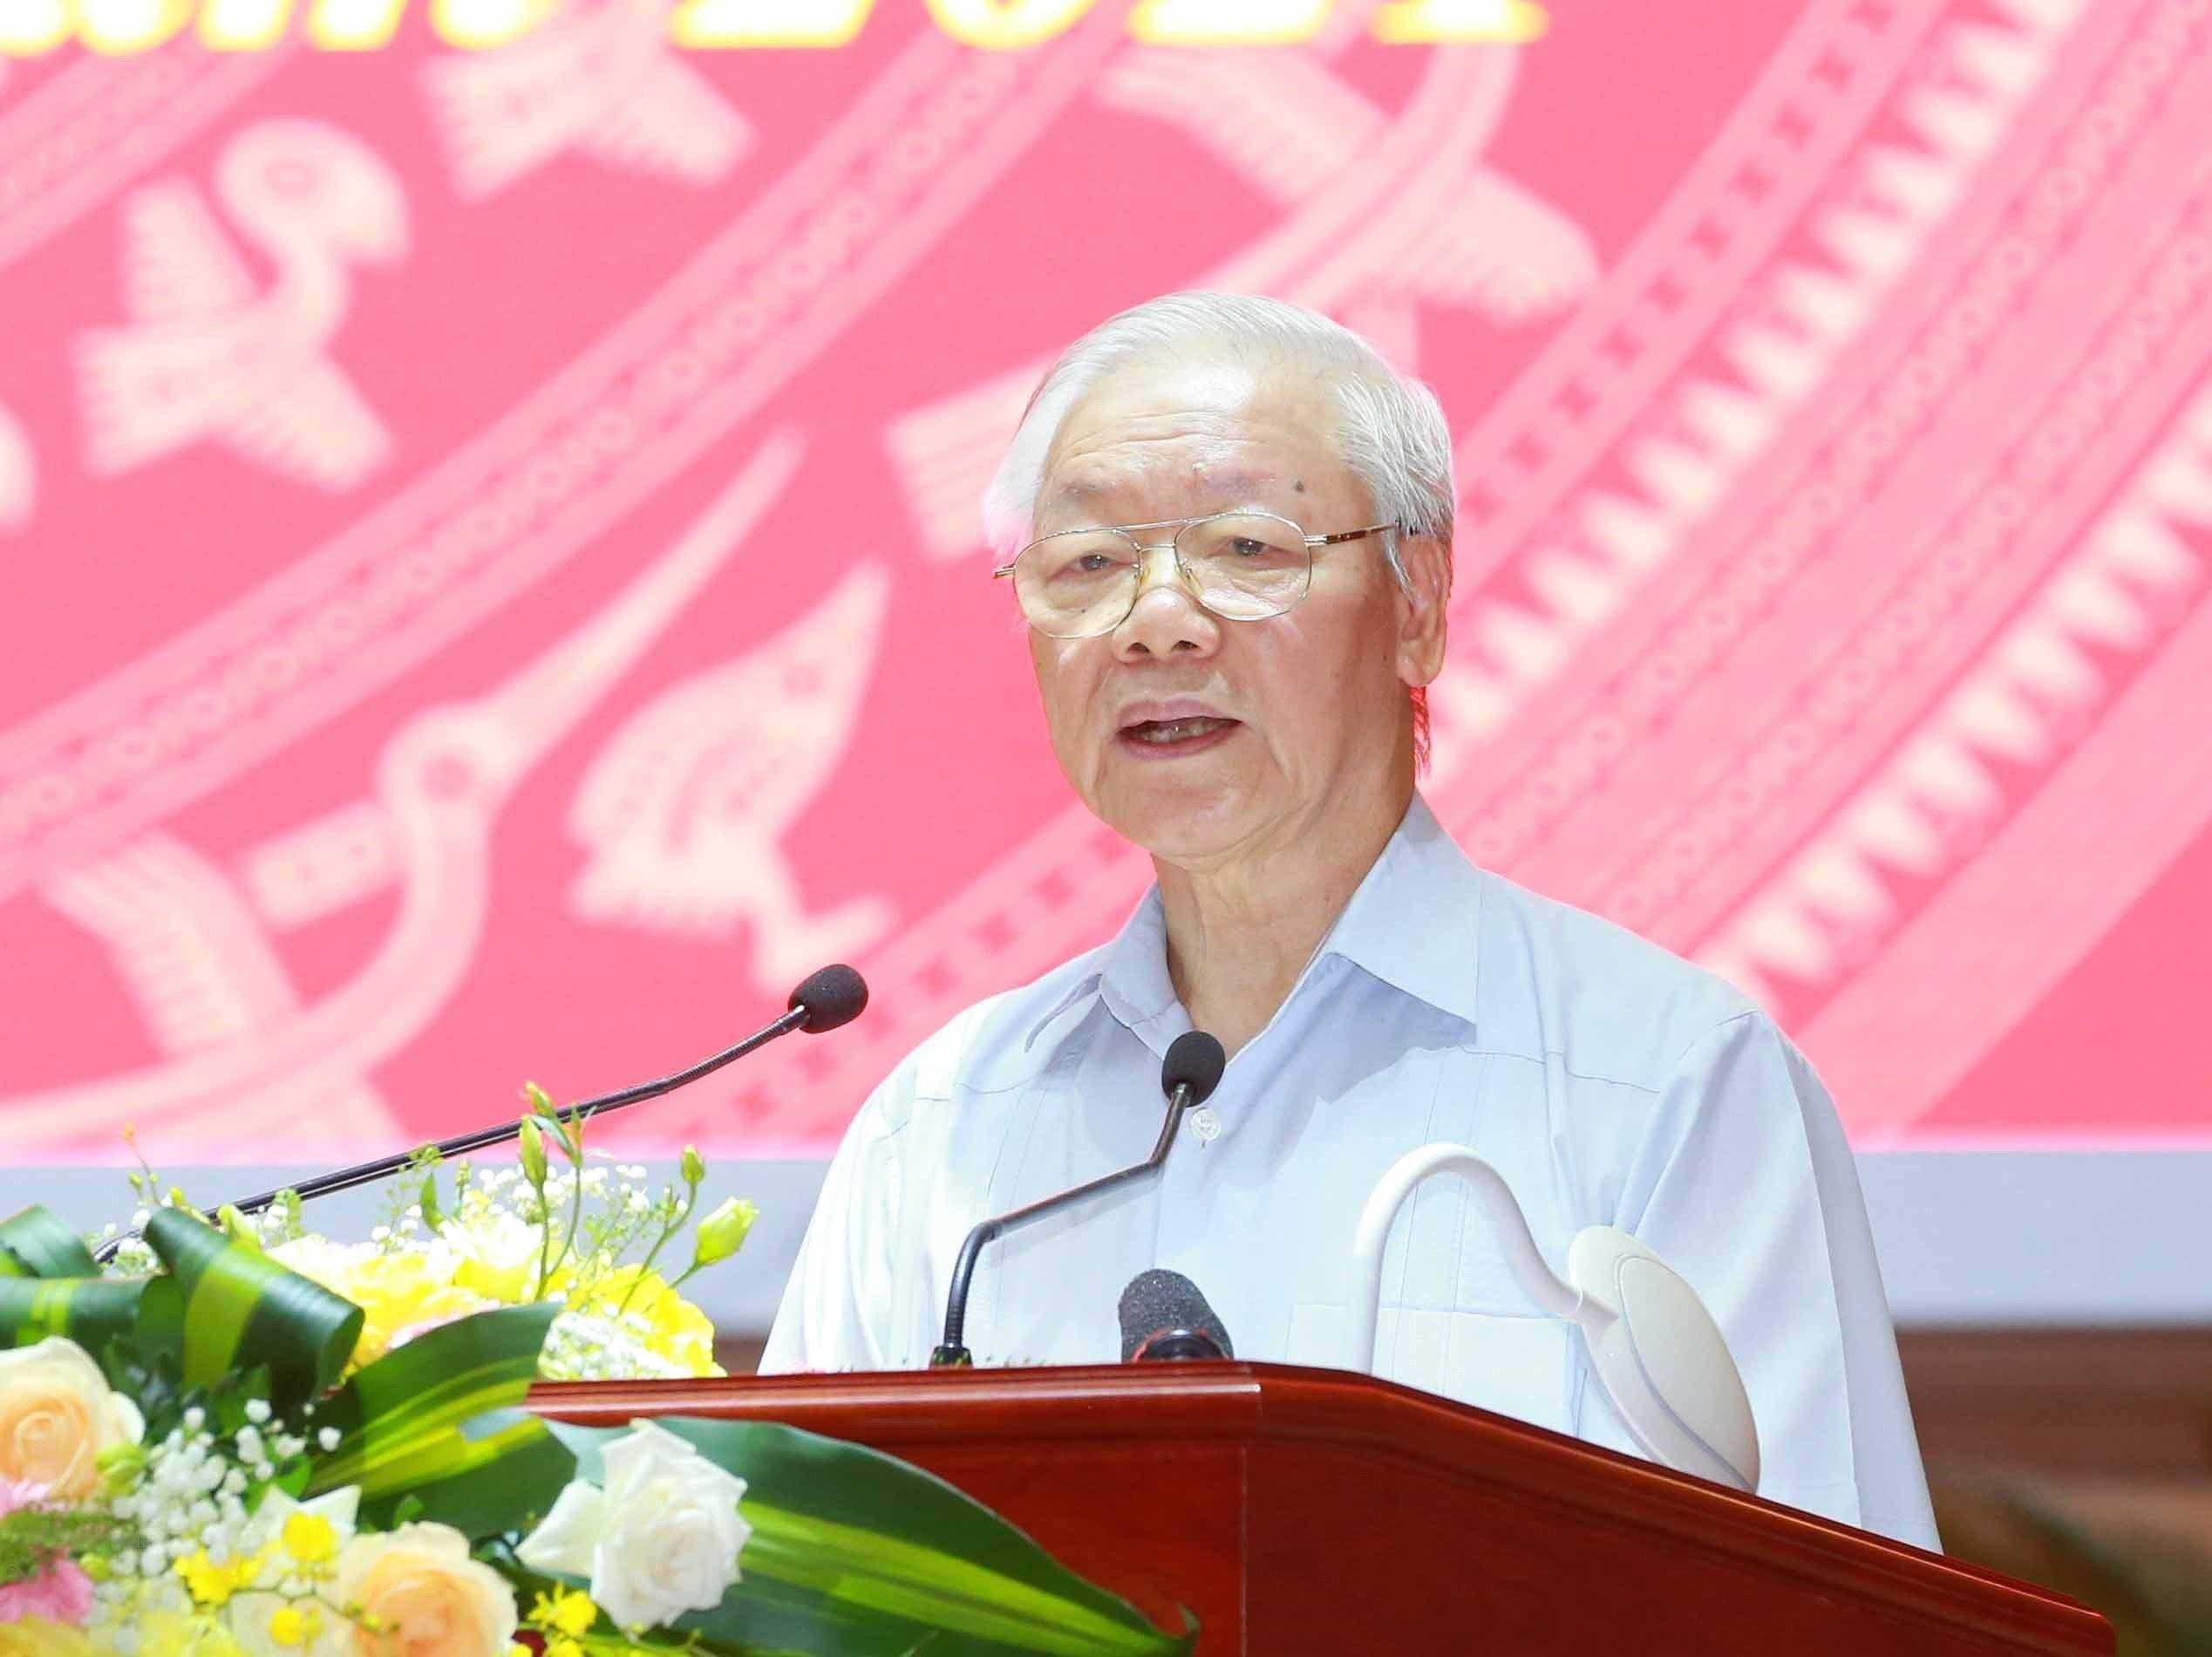 [Photo] Tong Bi thu chu tri Hoi nghi toan quoc cac co quan noi chinh hinh anh 7